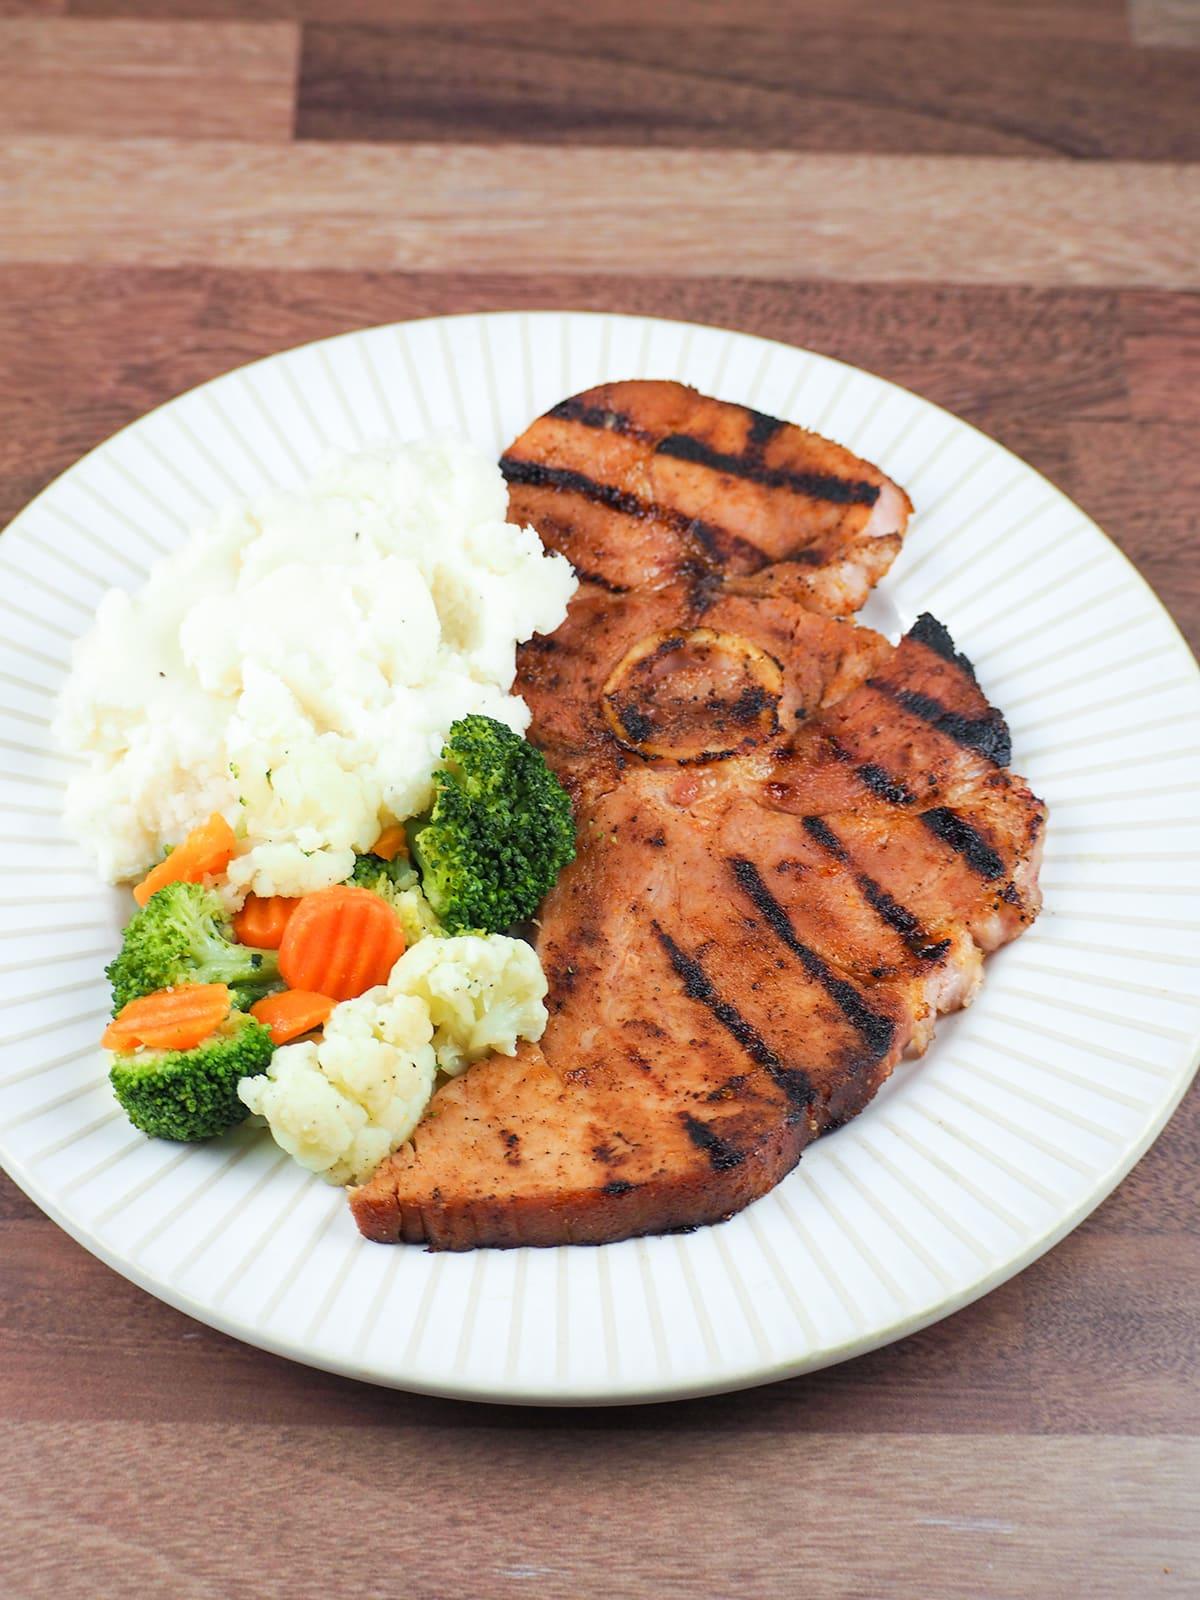 ham steak dinner on white plate